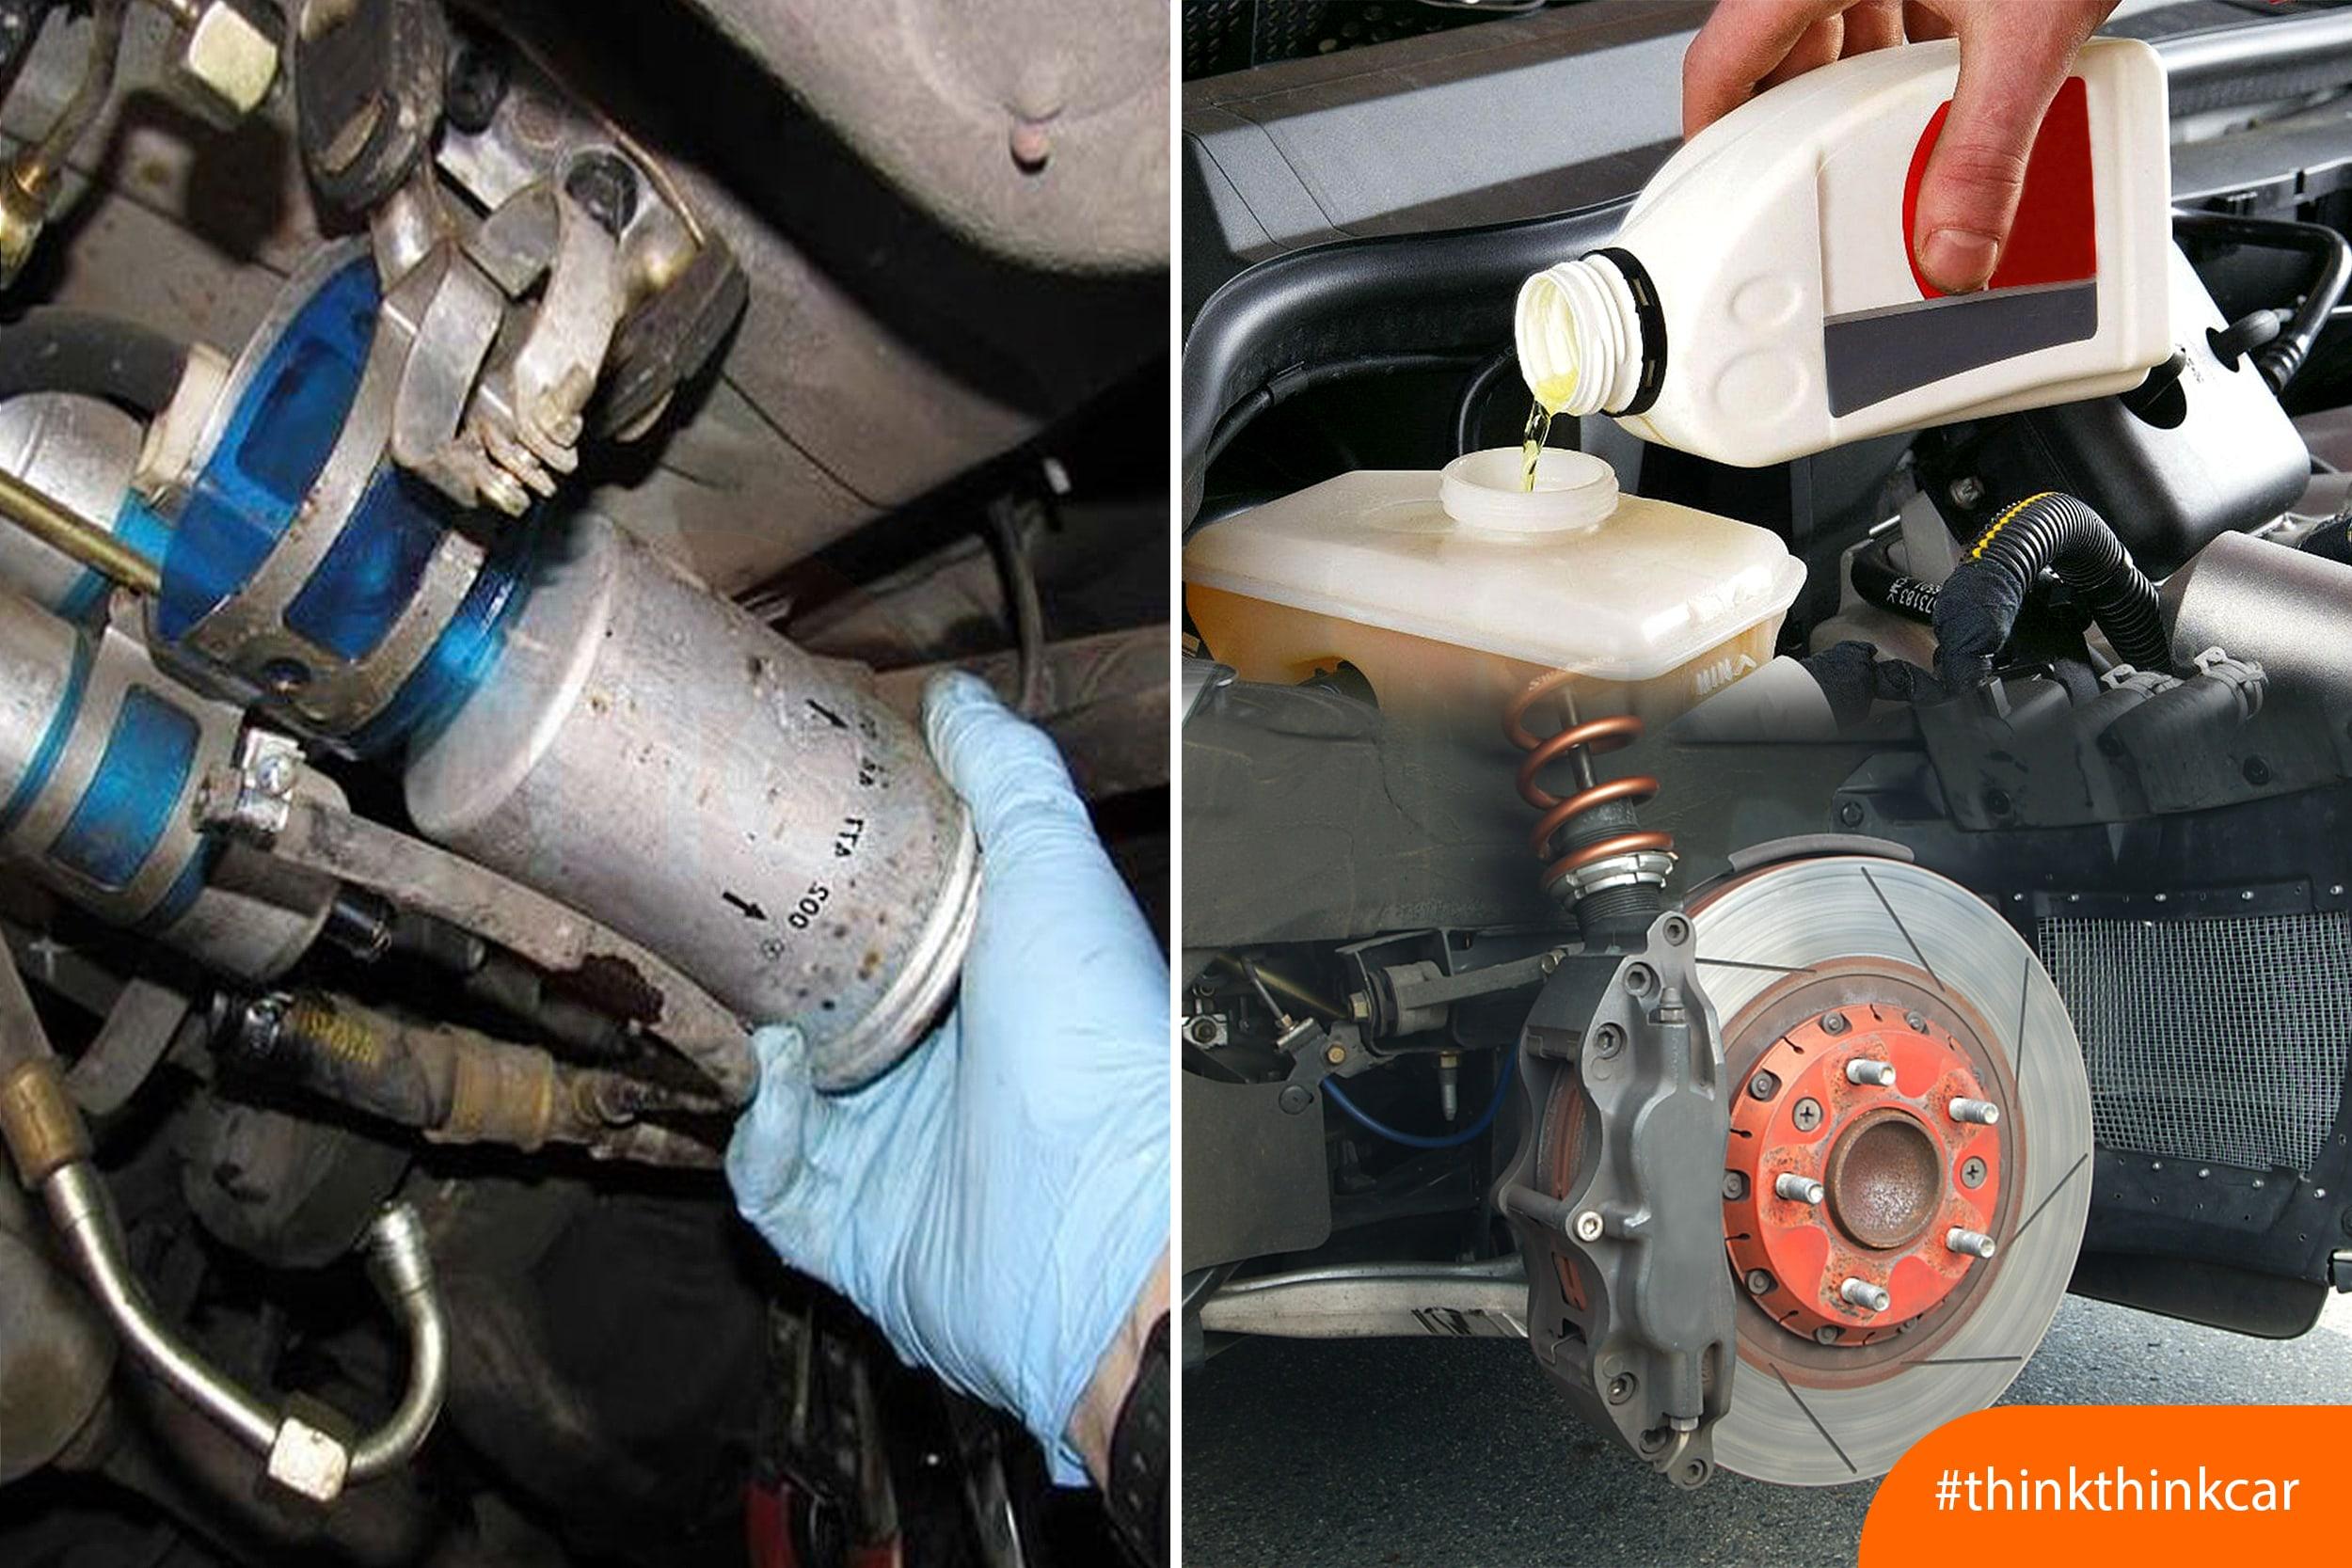 Các hạng mục cần bảo dưỡng và thay thế phụ tùng cho ô tô hình 2